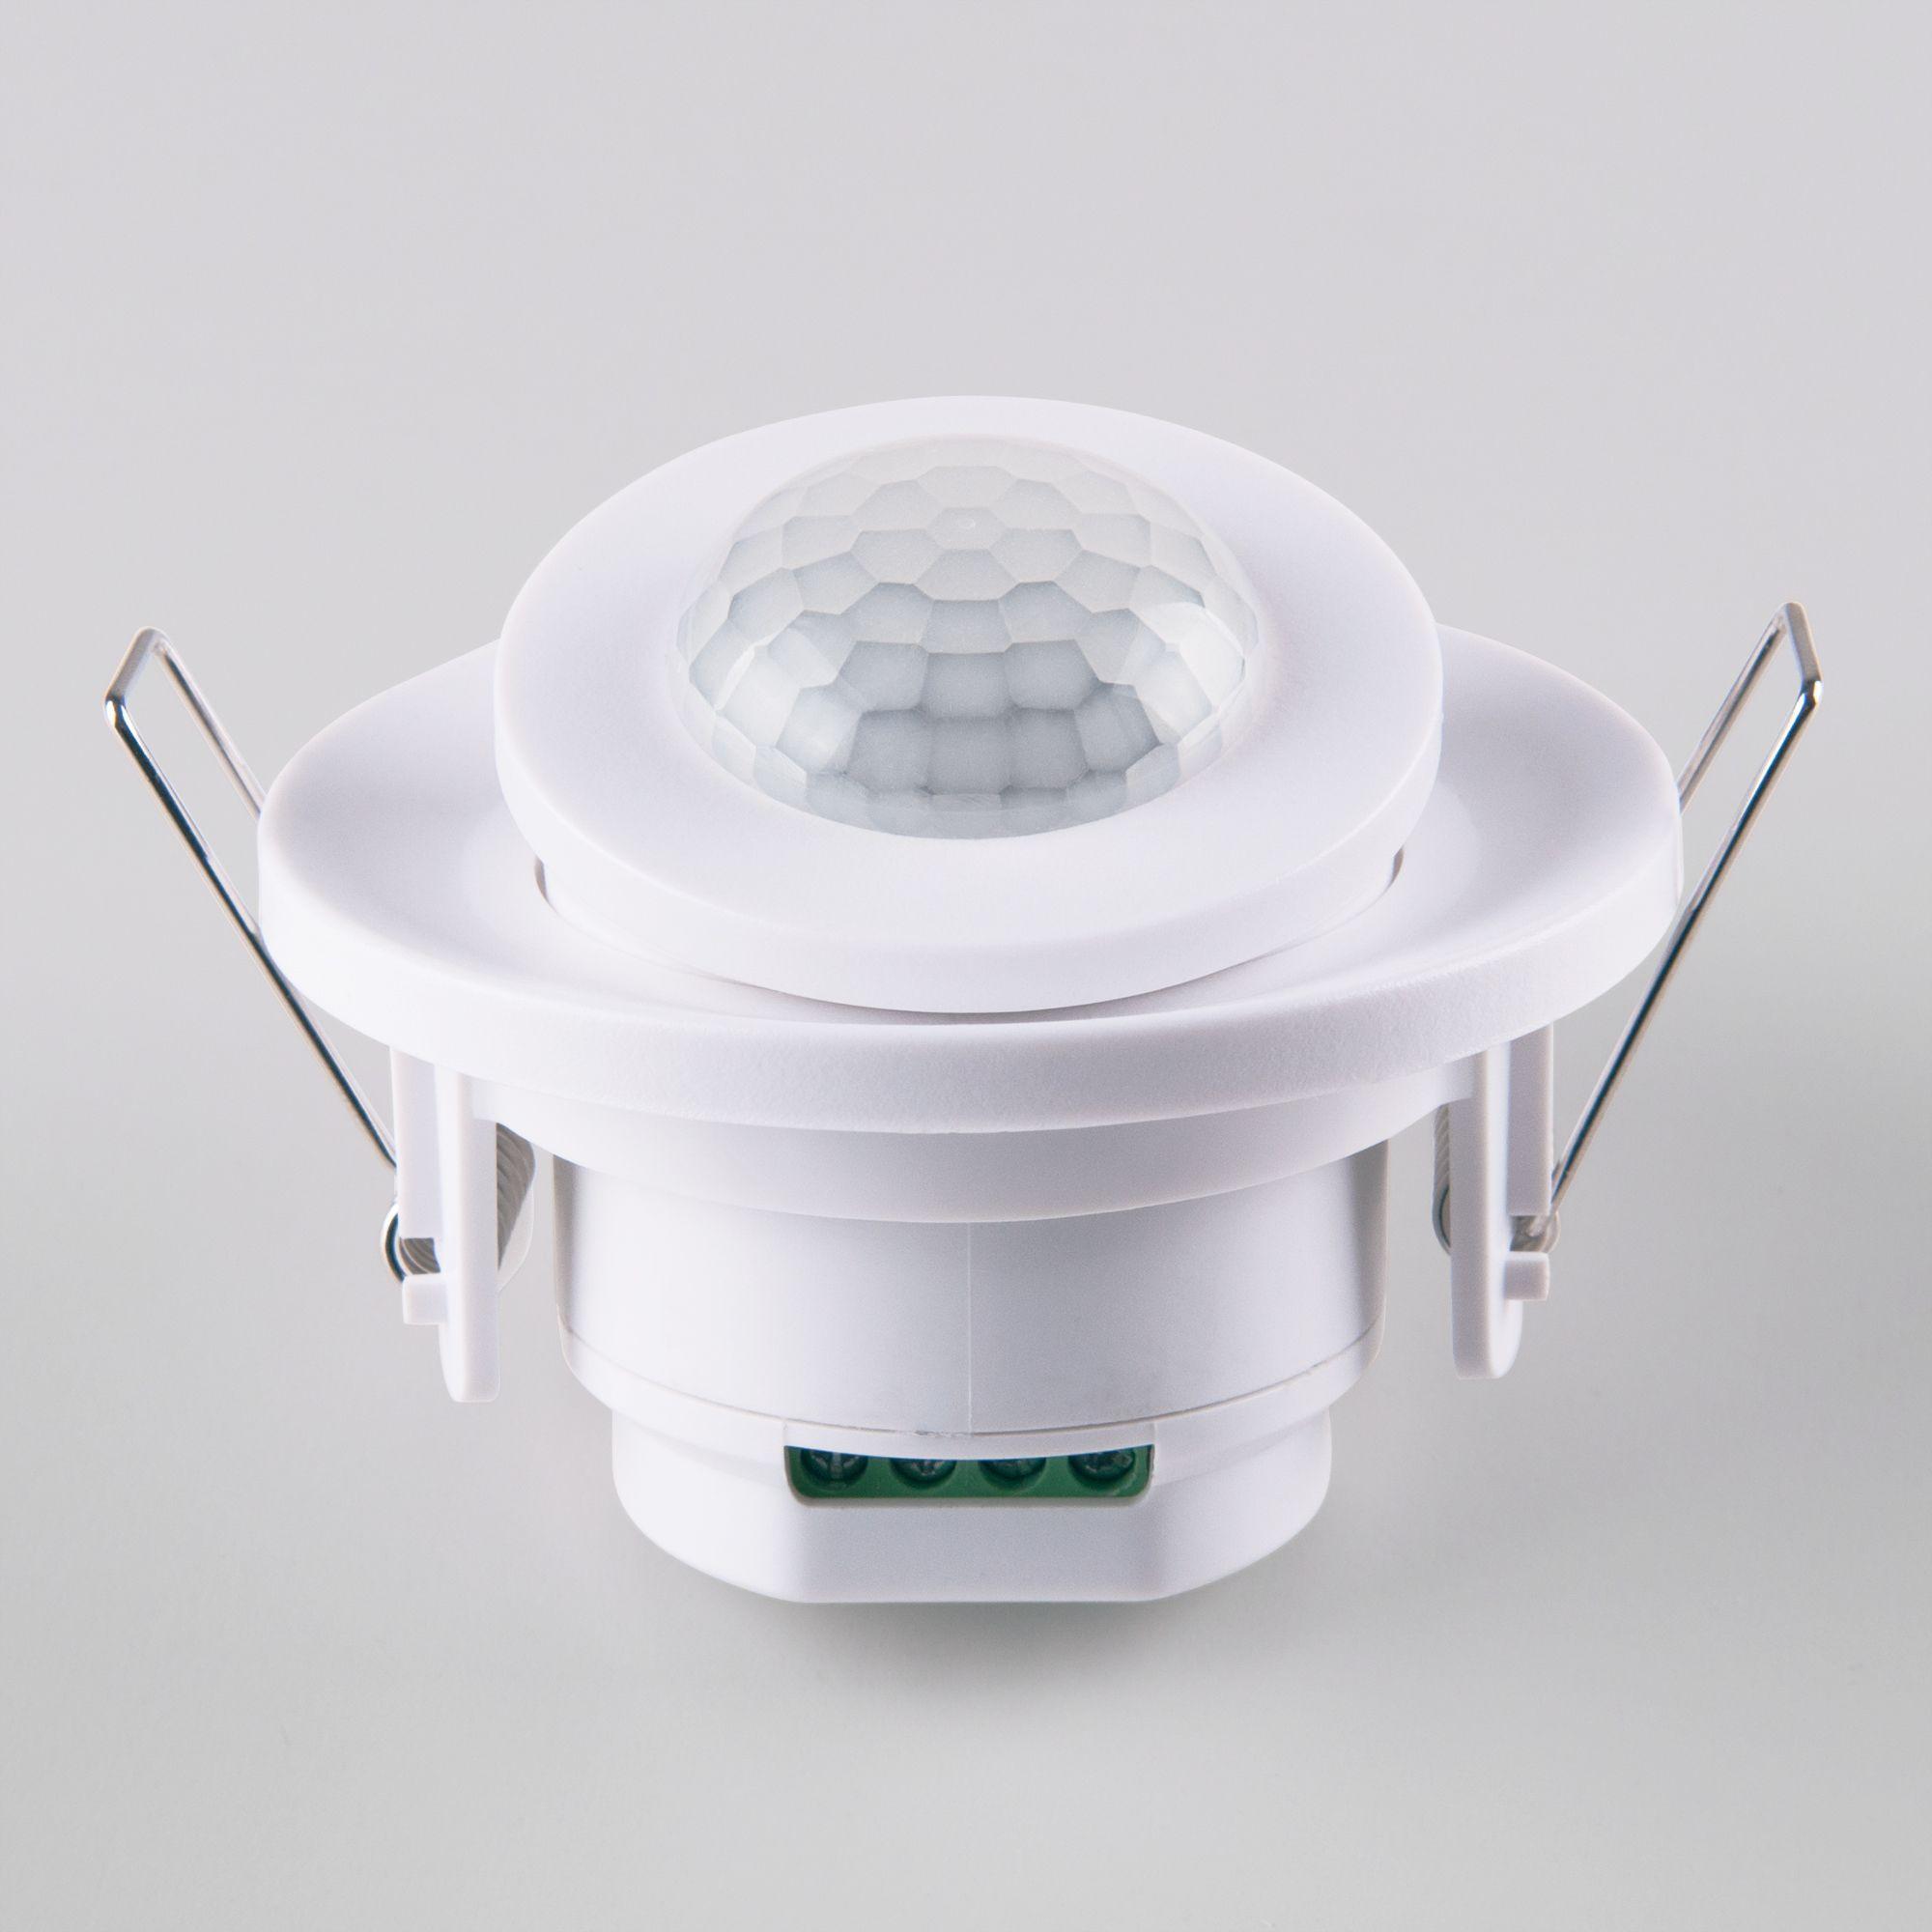 Инфракрасный датчик движения 8м 800W 360 IP20 SNS-M-12